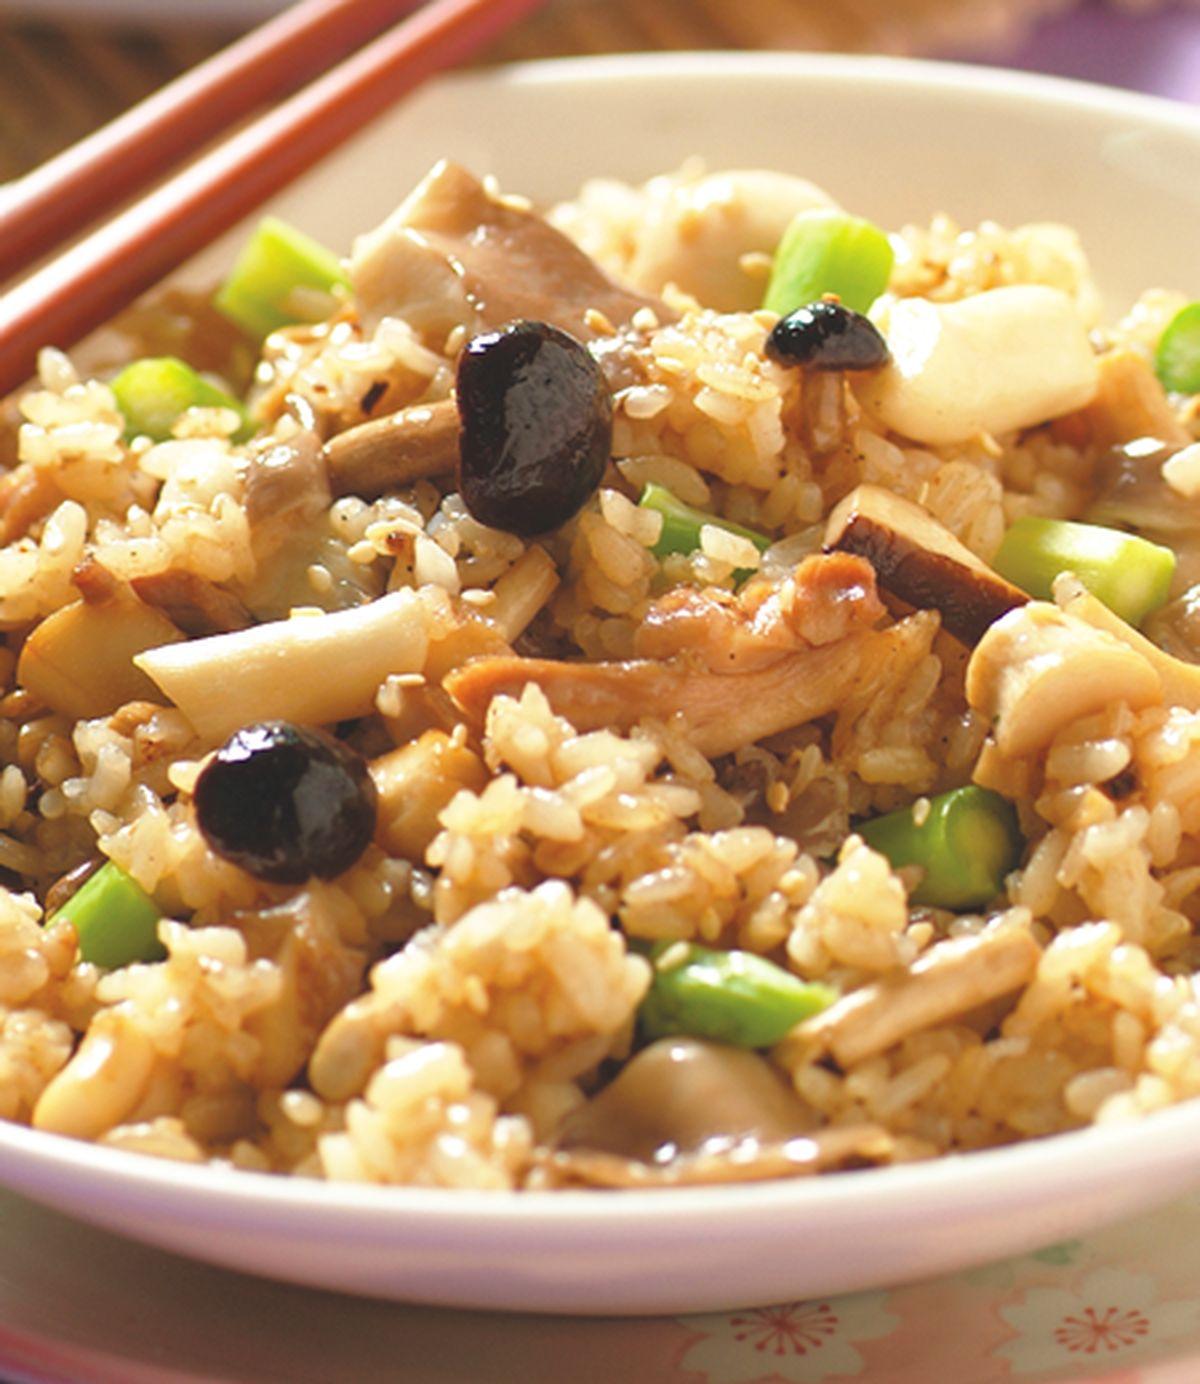 食譜:鮮菇炒飯